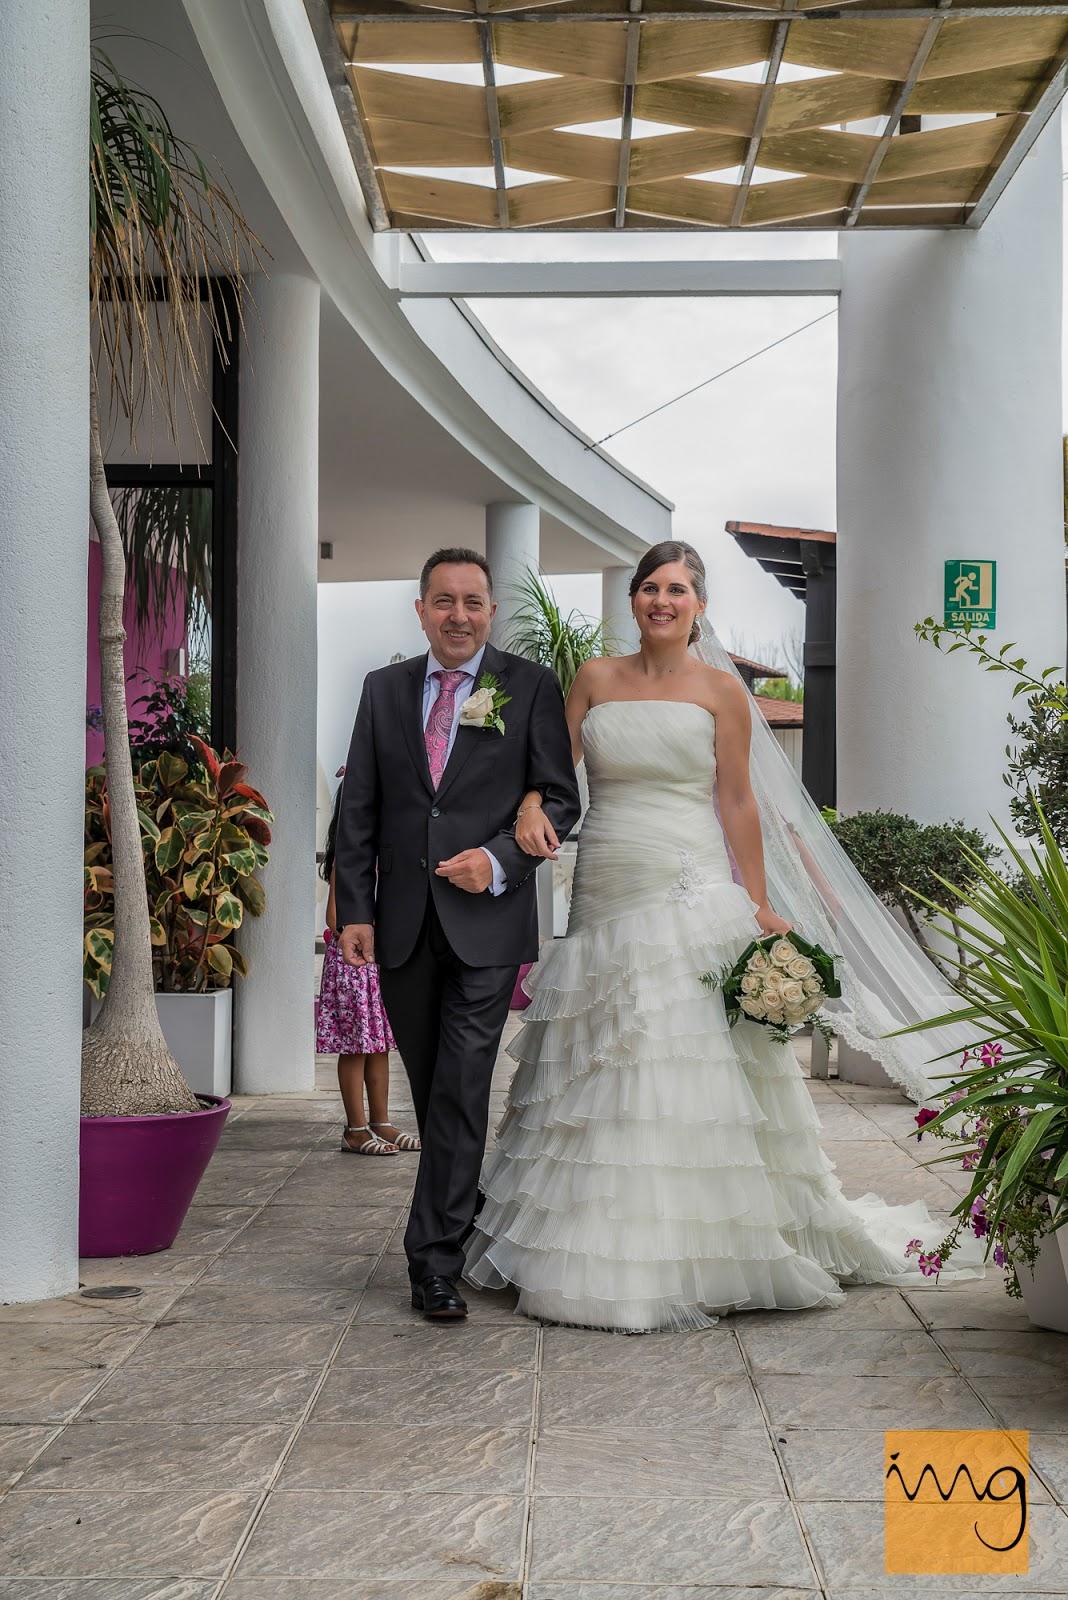 Fotografía de la novia llegando a se ceremonia nupcial.